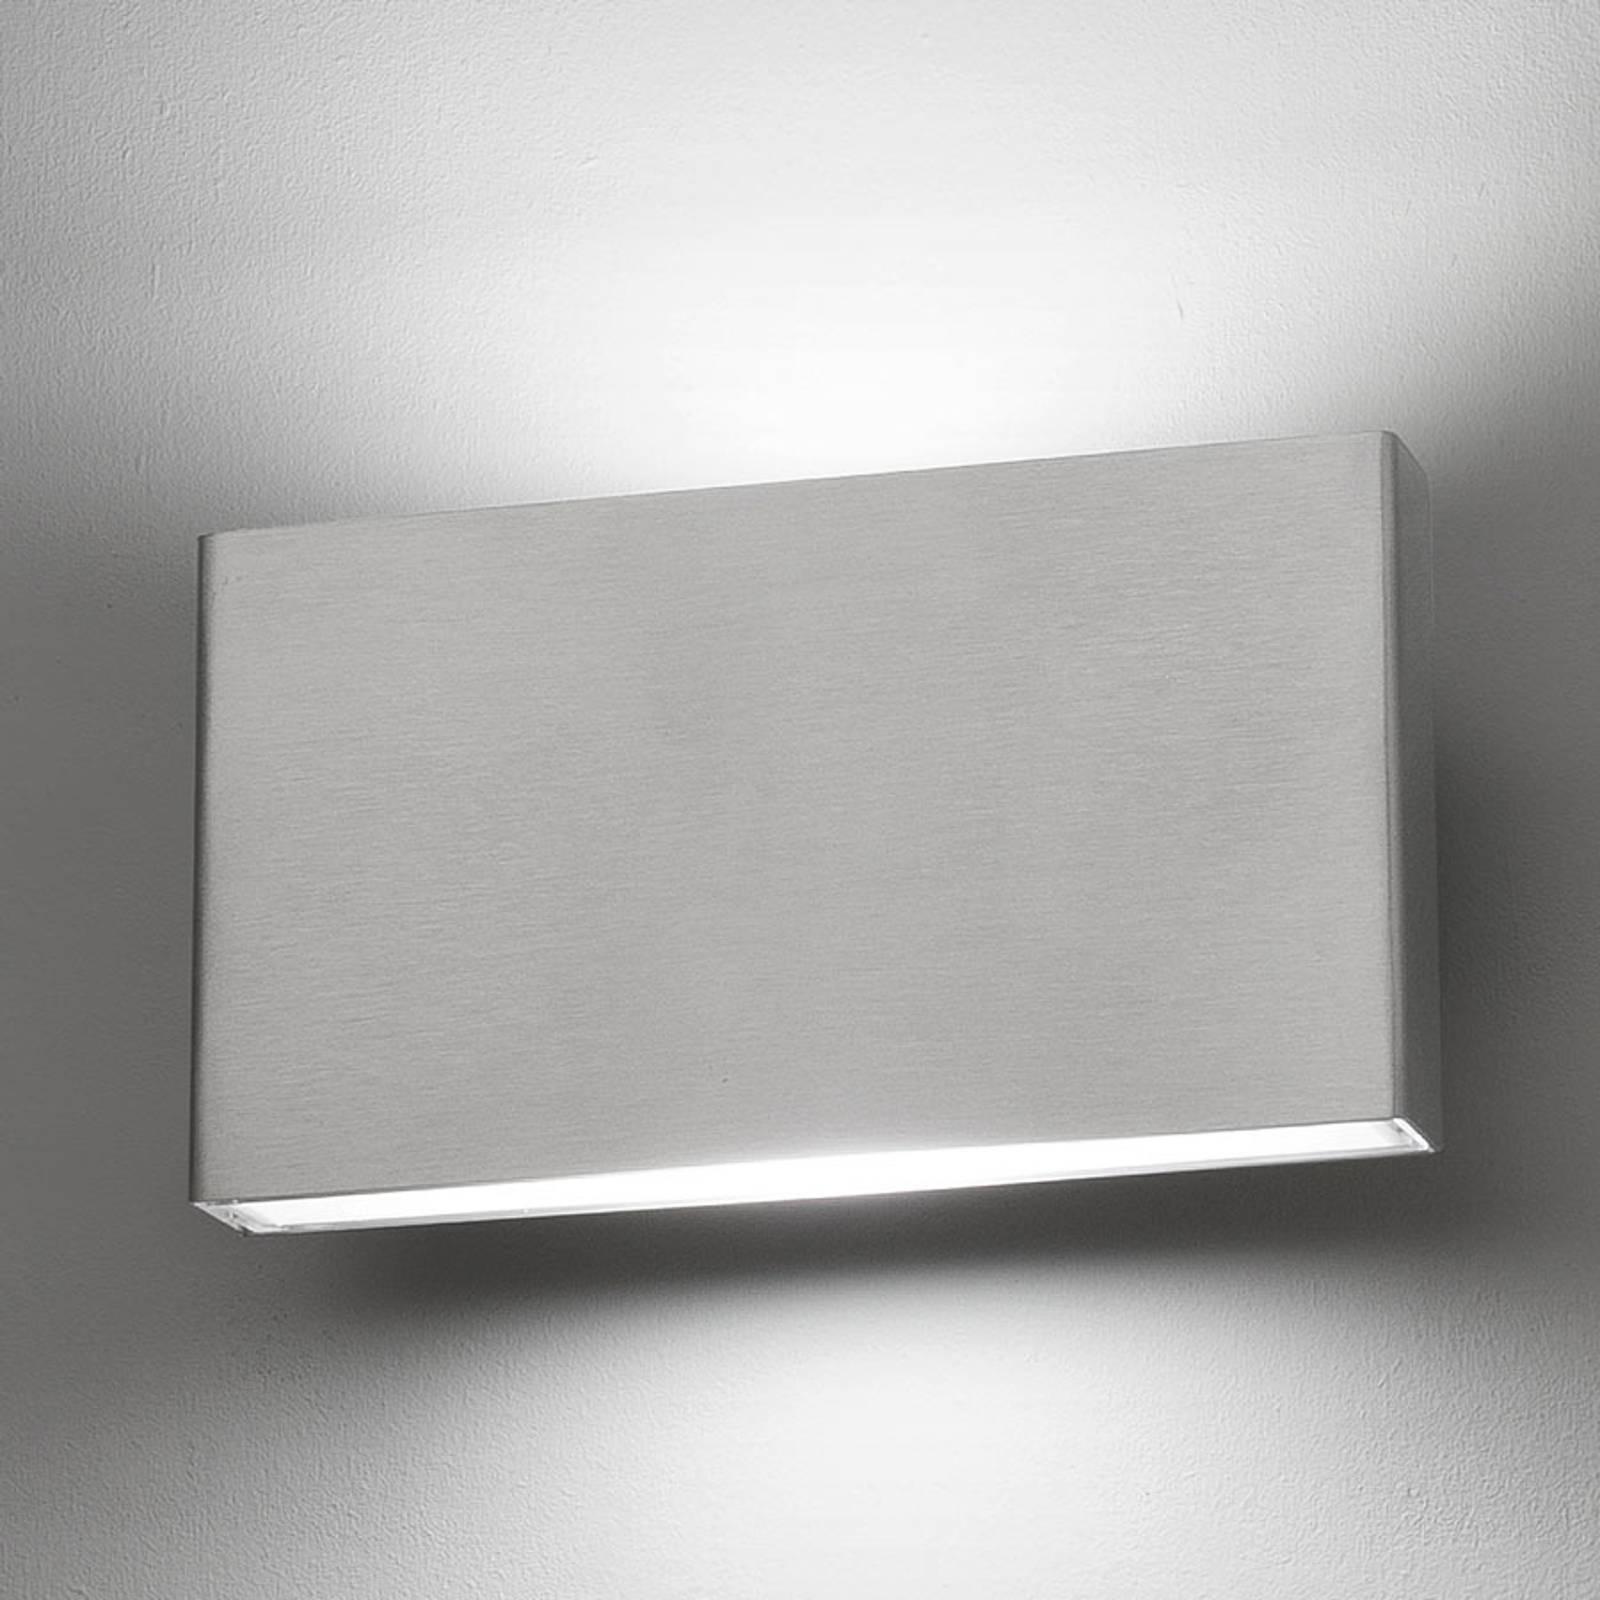 LED stalen wandlamp Kaula, zeewaterbestendig, IP44